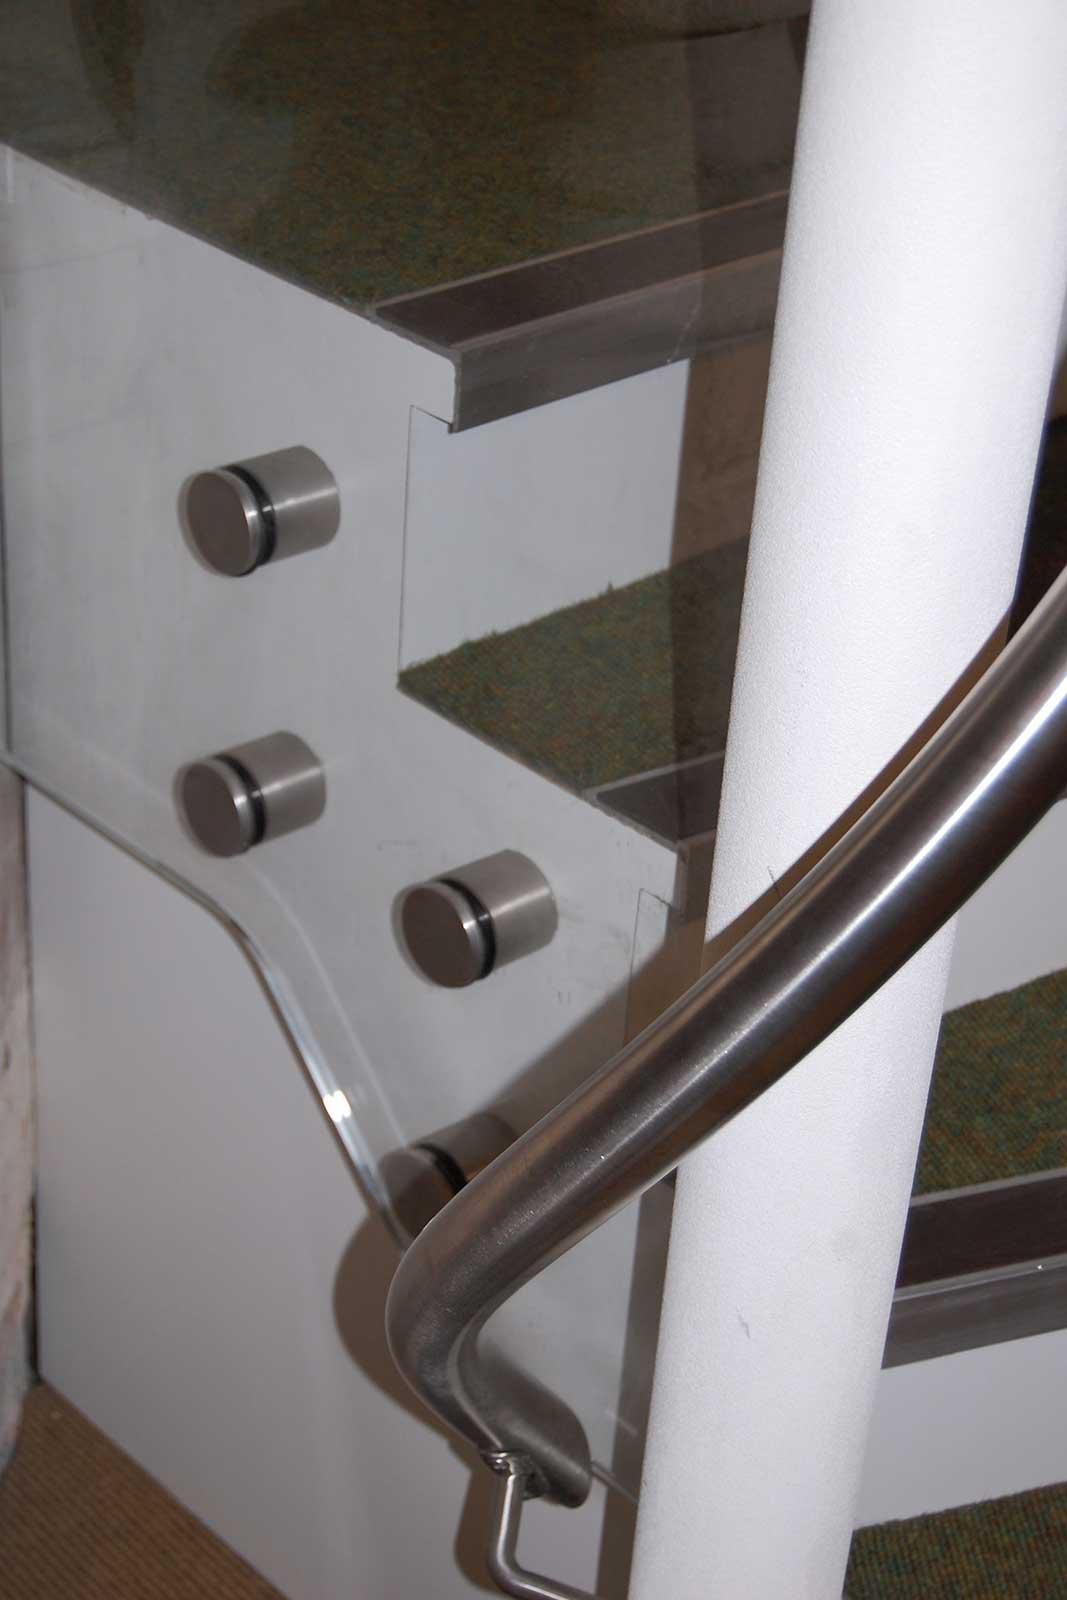 Glass Balustrade Hardware & Handrail, St. Andrew's Church